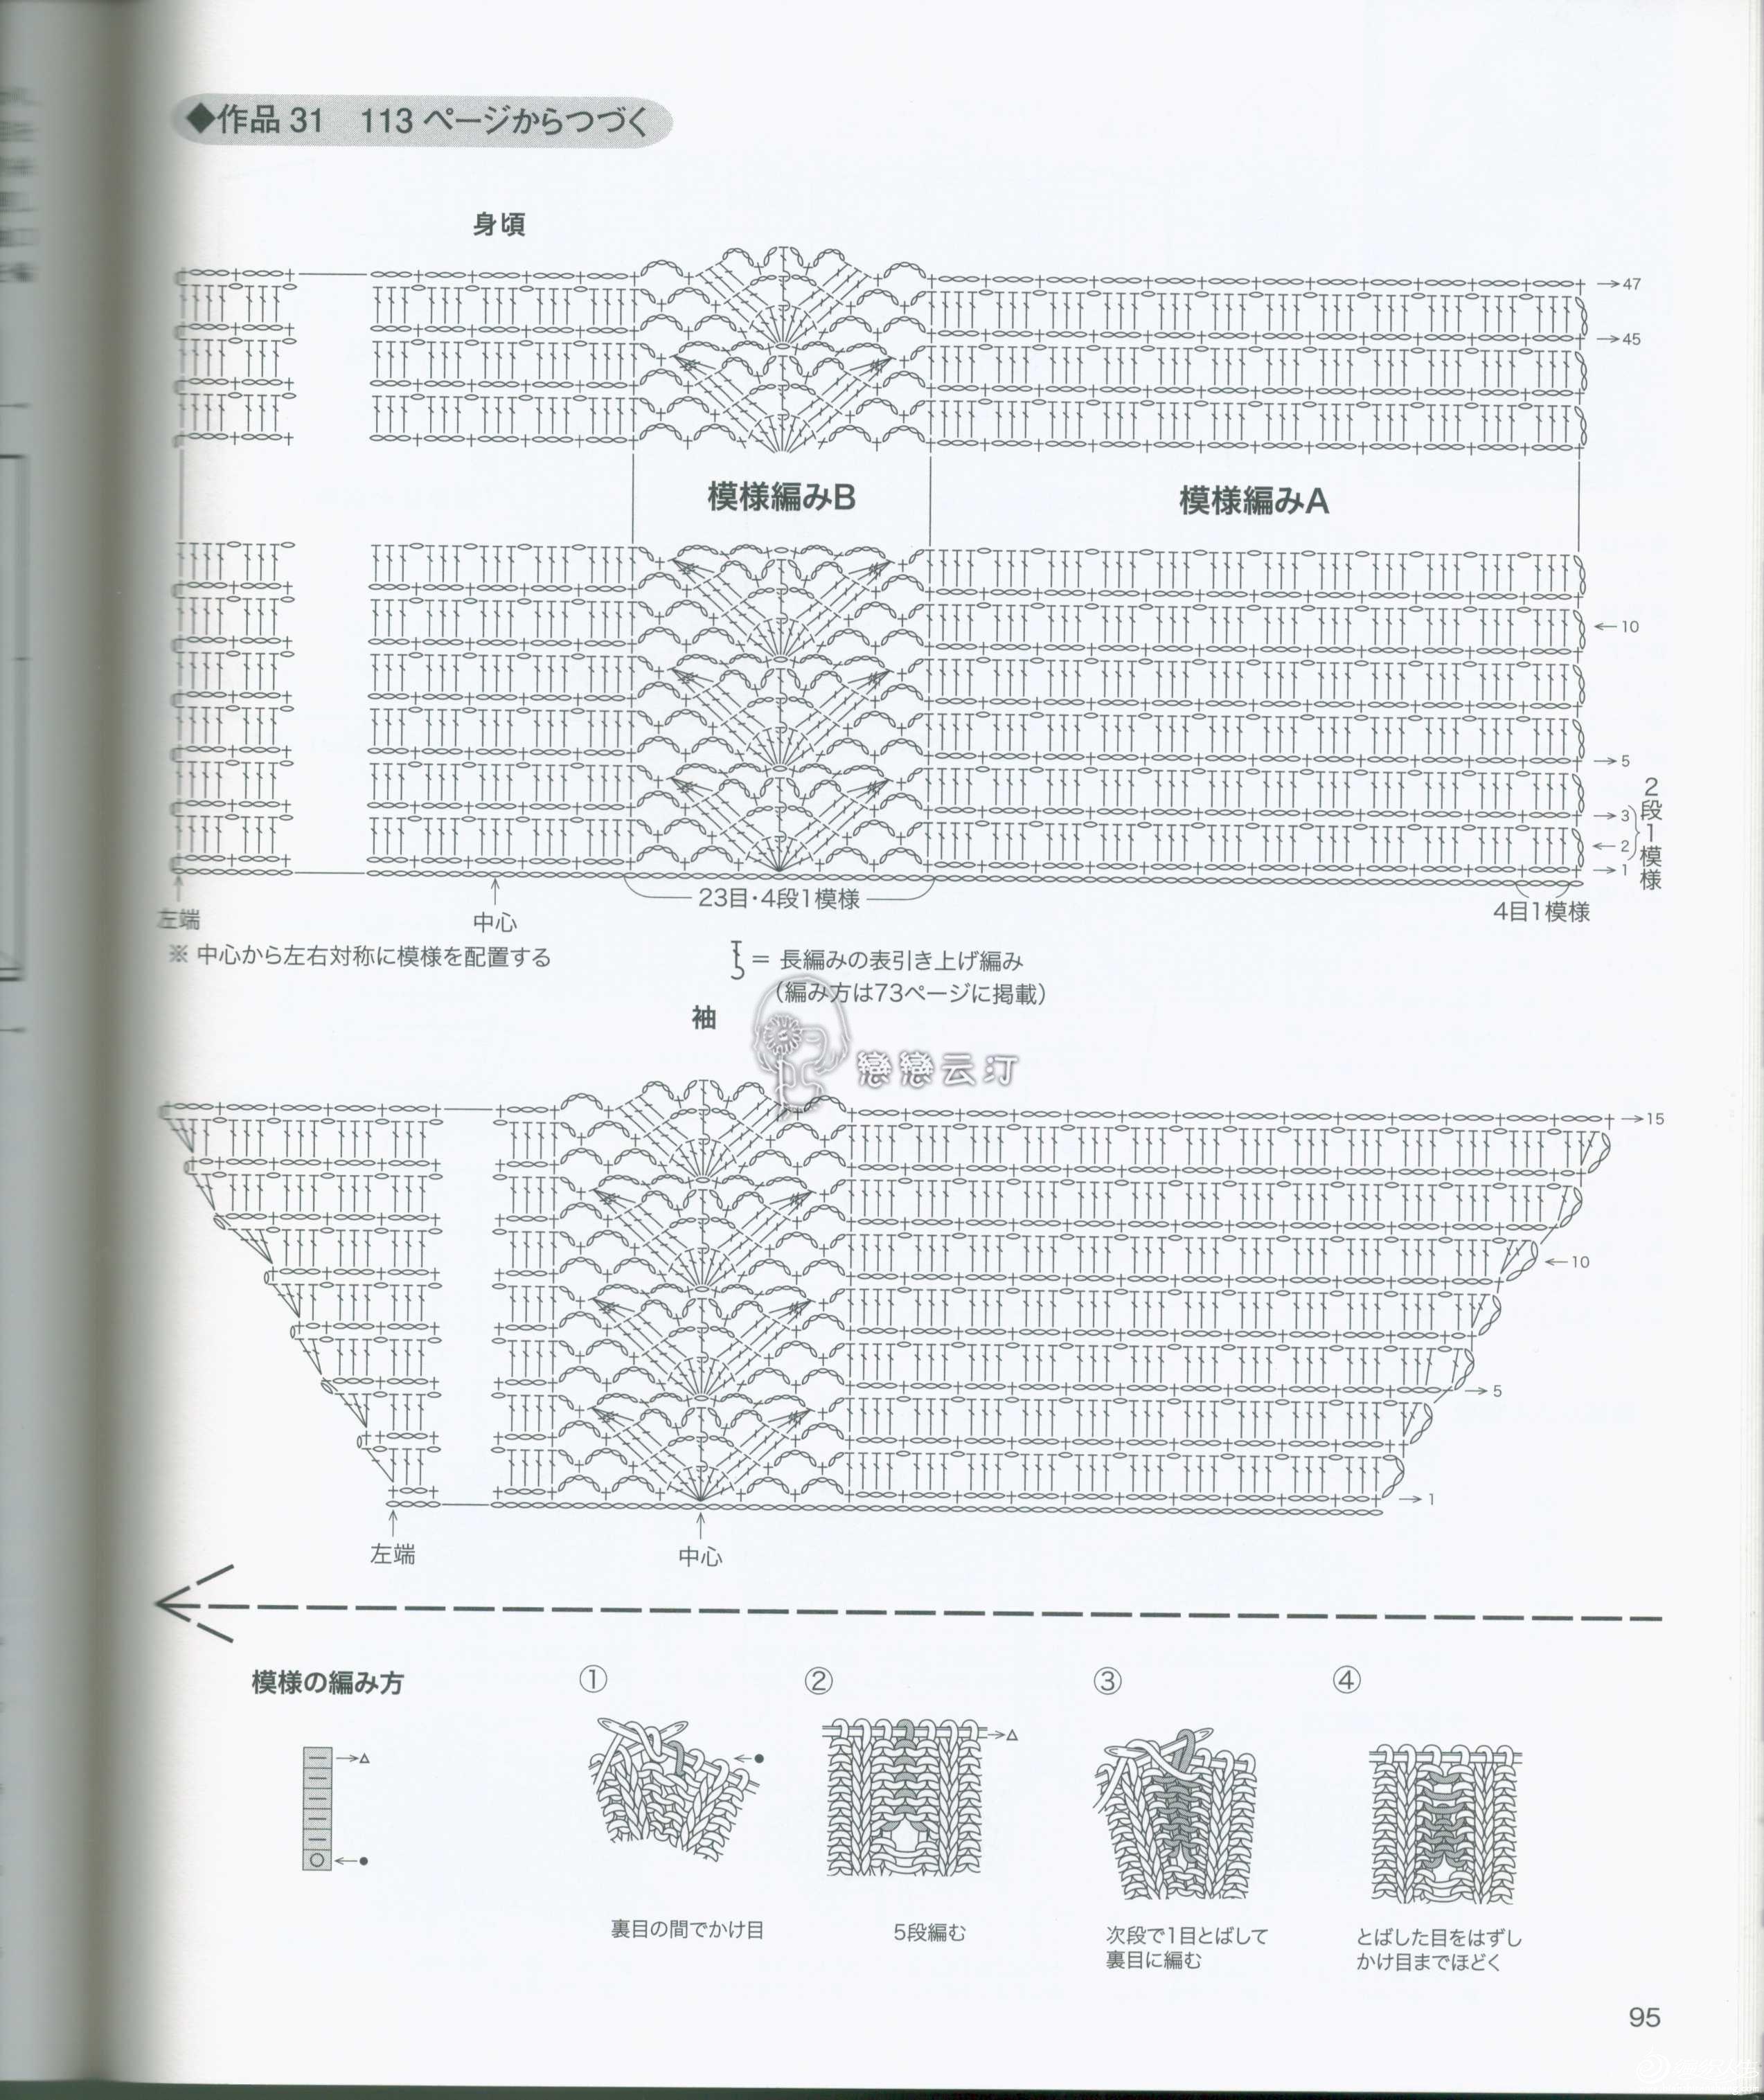 http://img.bianzhirensheng.com/forum/201606/26/210034u0i0c5tscku55ta5.jpg